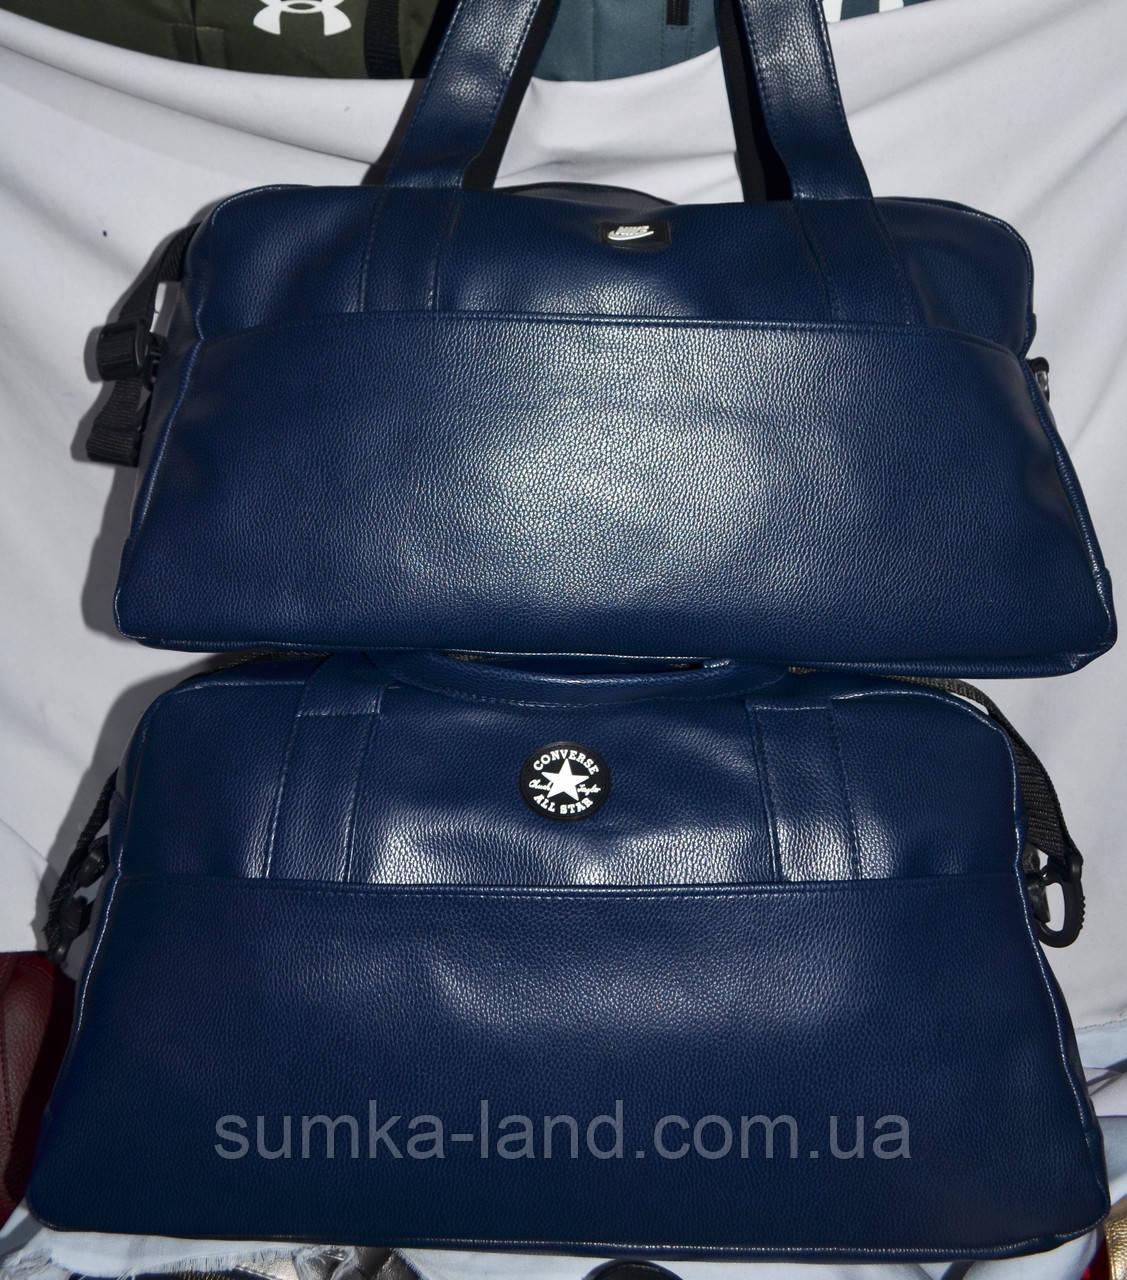 Женские спортивные синие сумки из искусственной кожи 49*27 см (разные накатки)